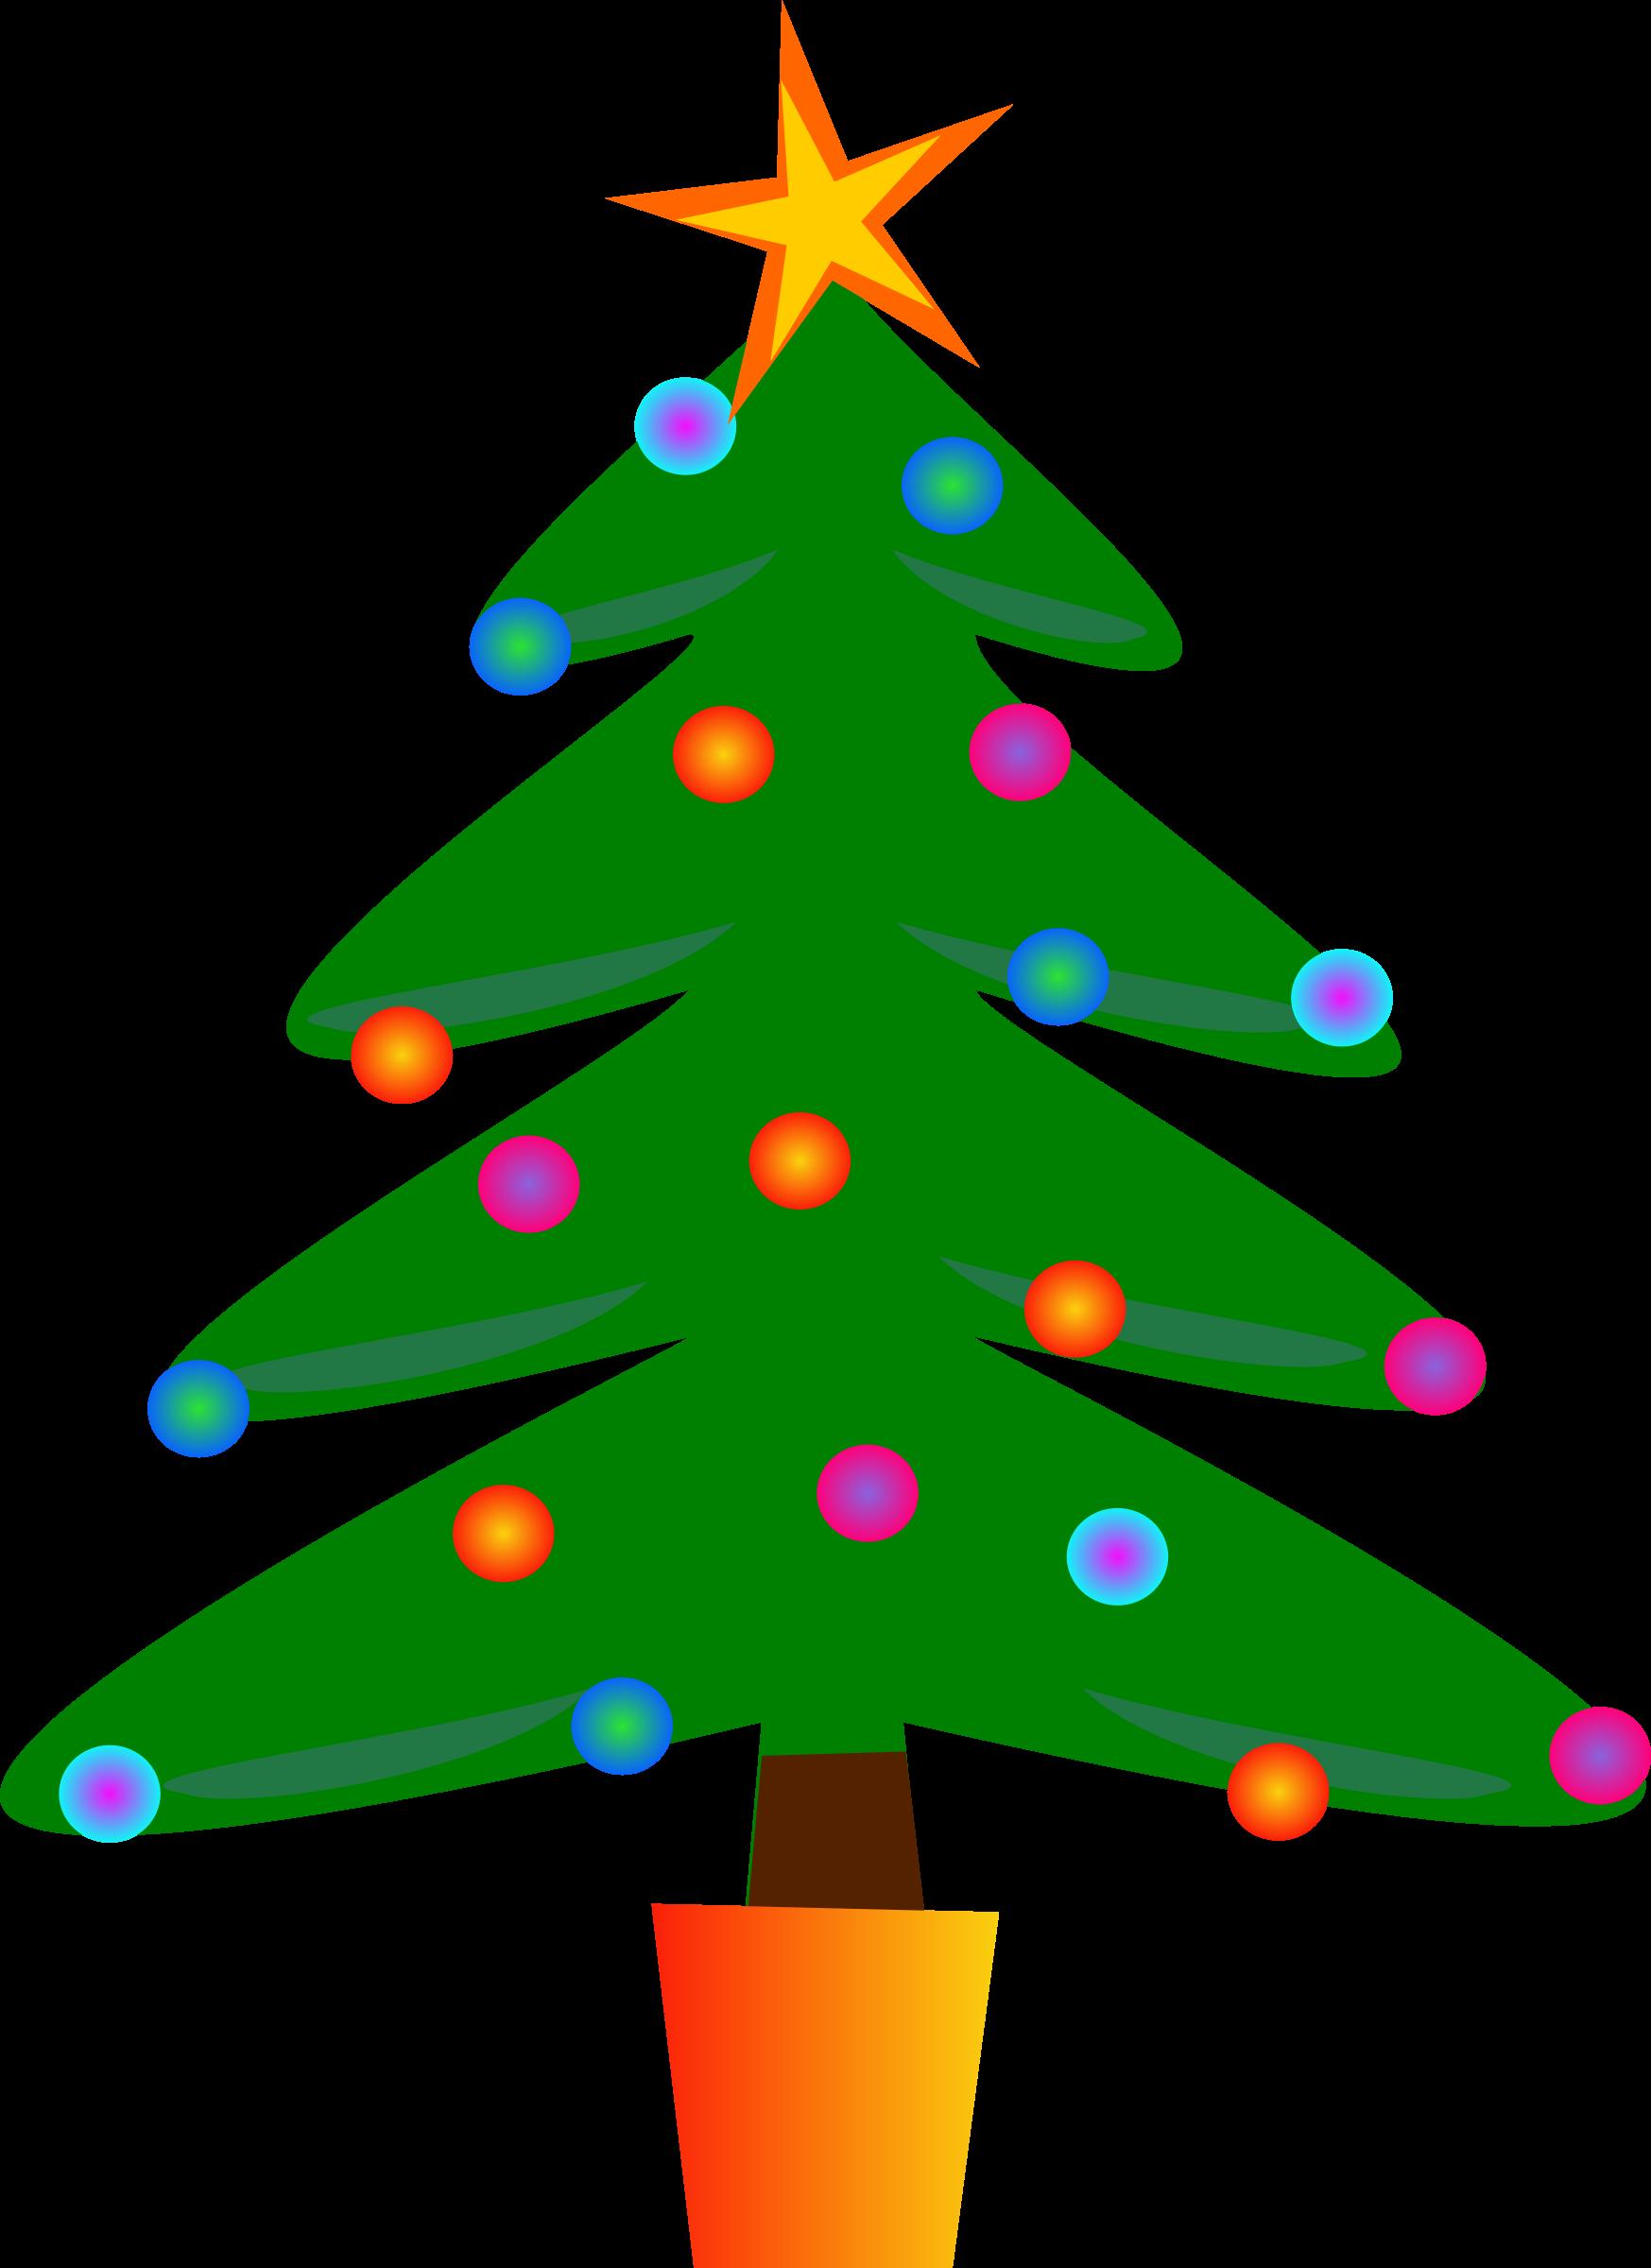 Christmas Tree Christmas clipart, Colorful christmas